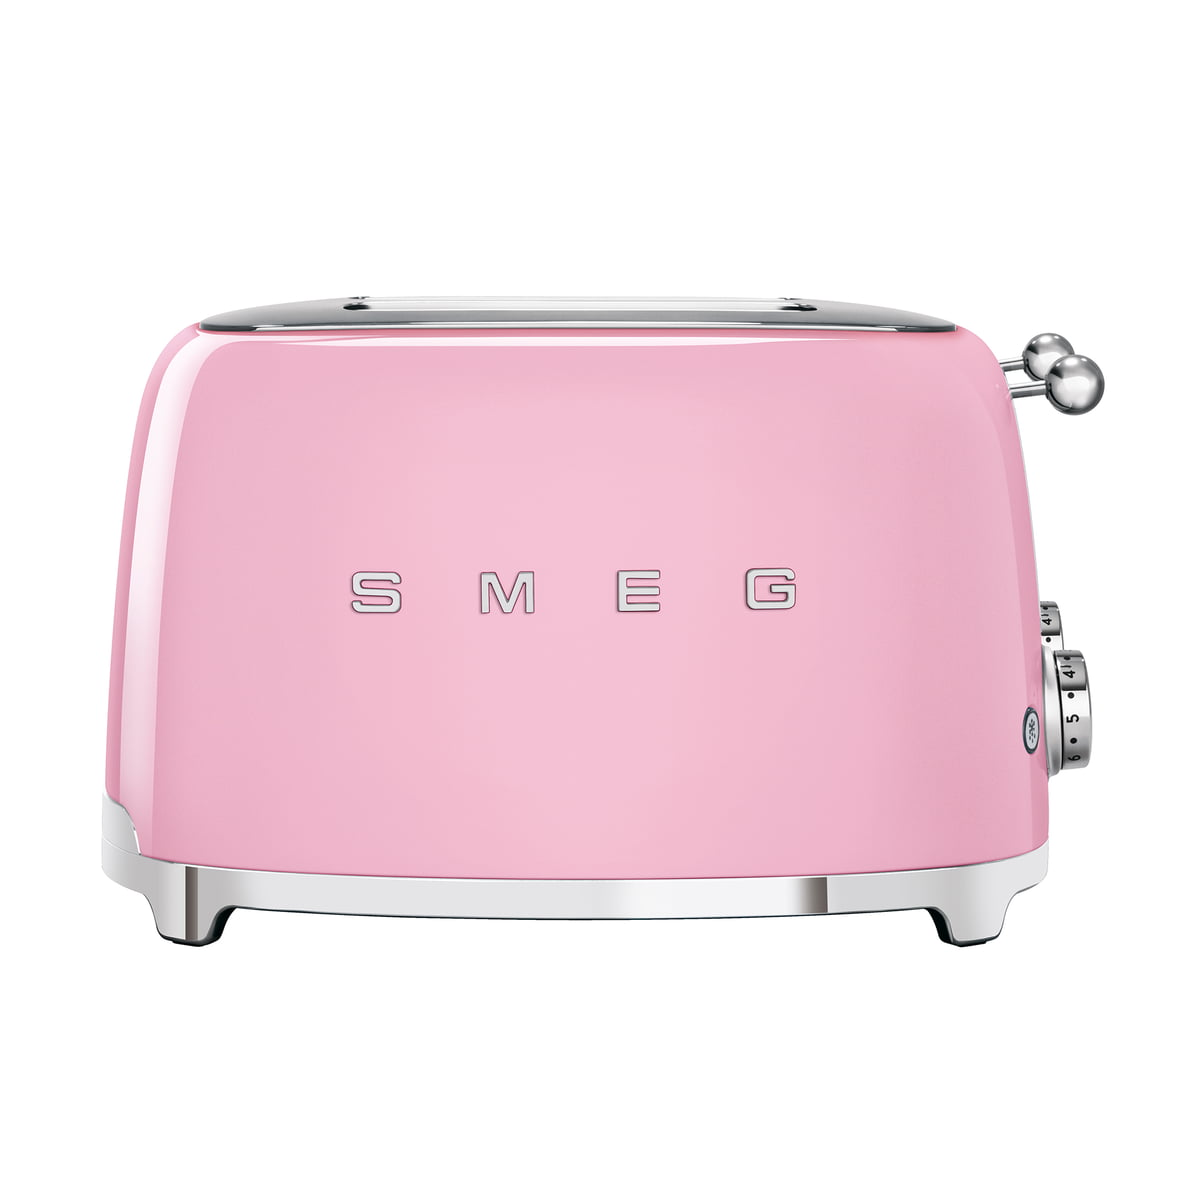 Smeg - 4-Scheiben Toaster TSF03, cadillac pink | Küche und Esszimmer > Küchengeräte > Toaster | Pink | Smeg